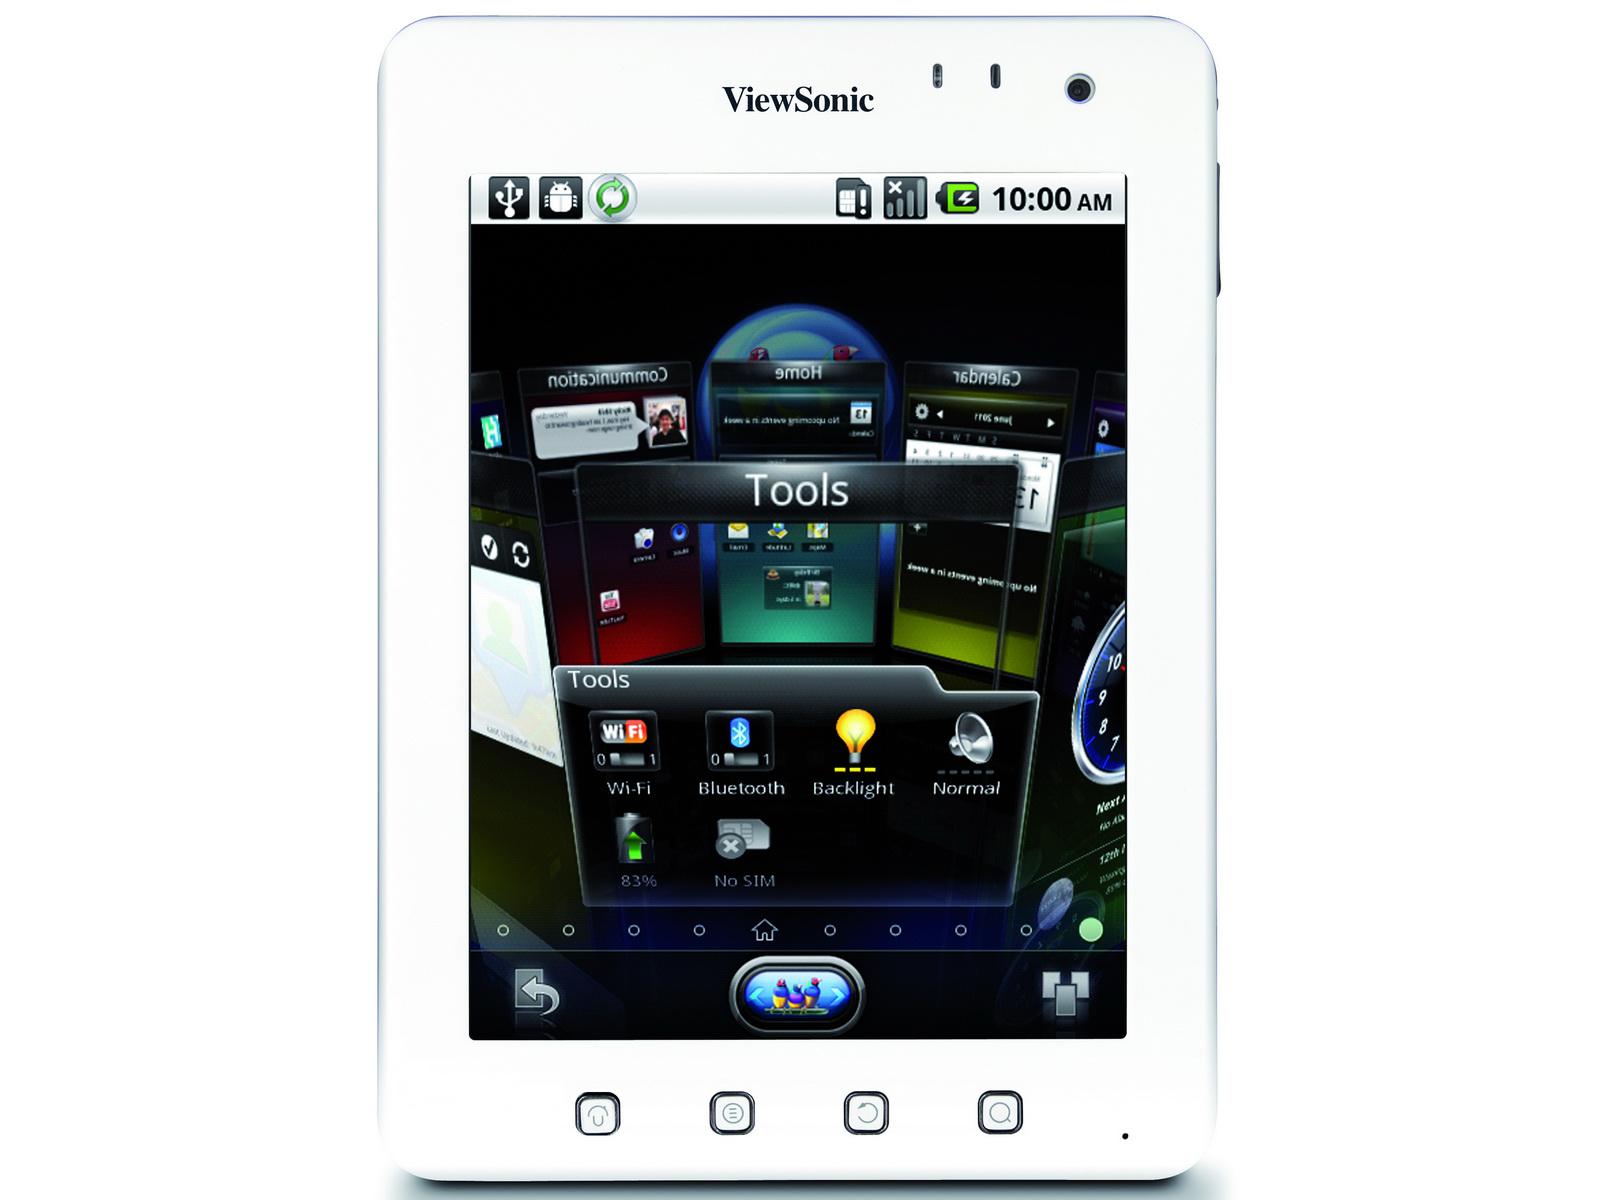 viewsonic stylisches einsteiger tablet viewpad 7e kostet. Black Bedroom Furniture Sets. Home Design Ideas